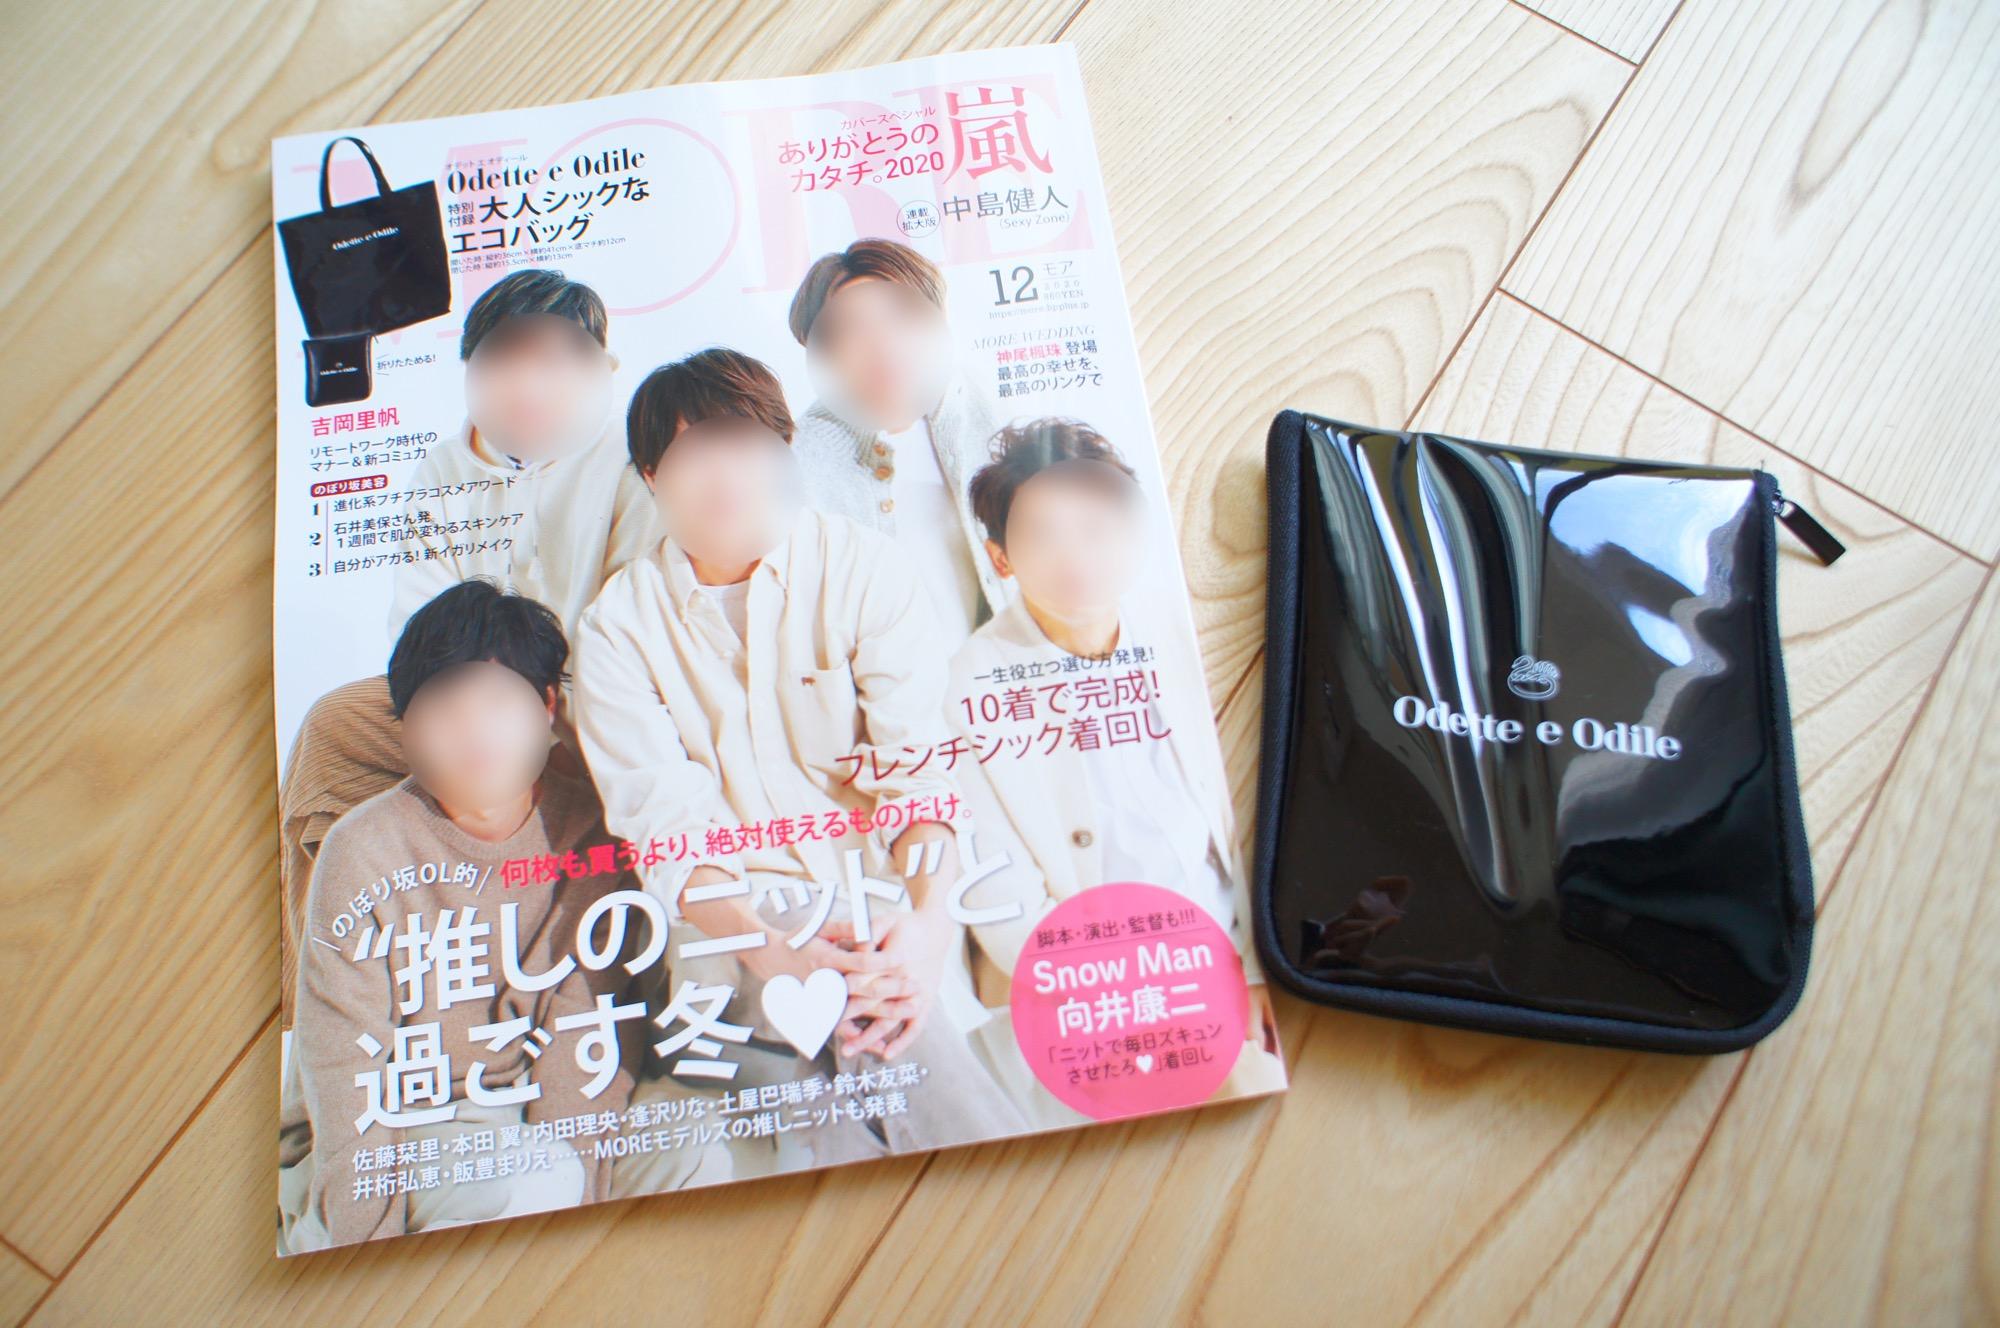 《本日10/28発売❤️》大人気Odette e Odileのエコバッグ付き!【MORE12月号】をチェック☻_1